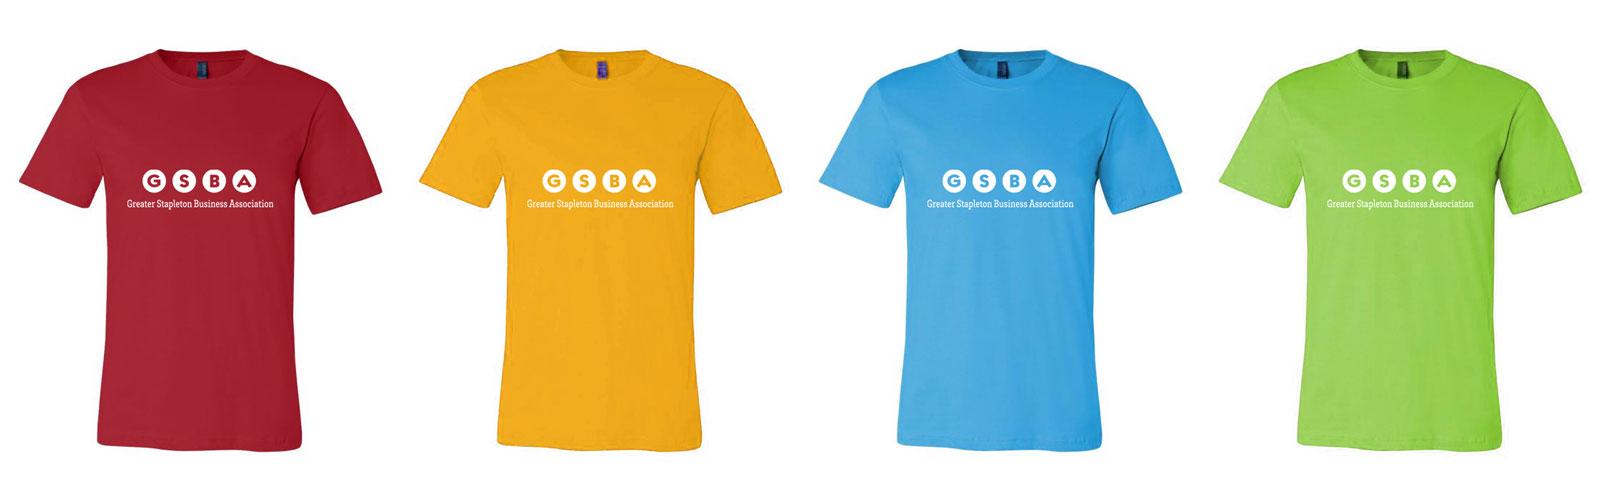 GSBA tshirt colors